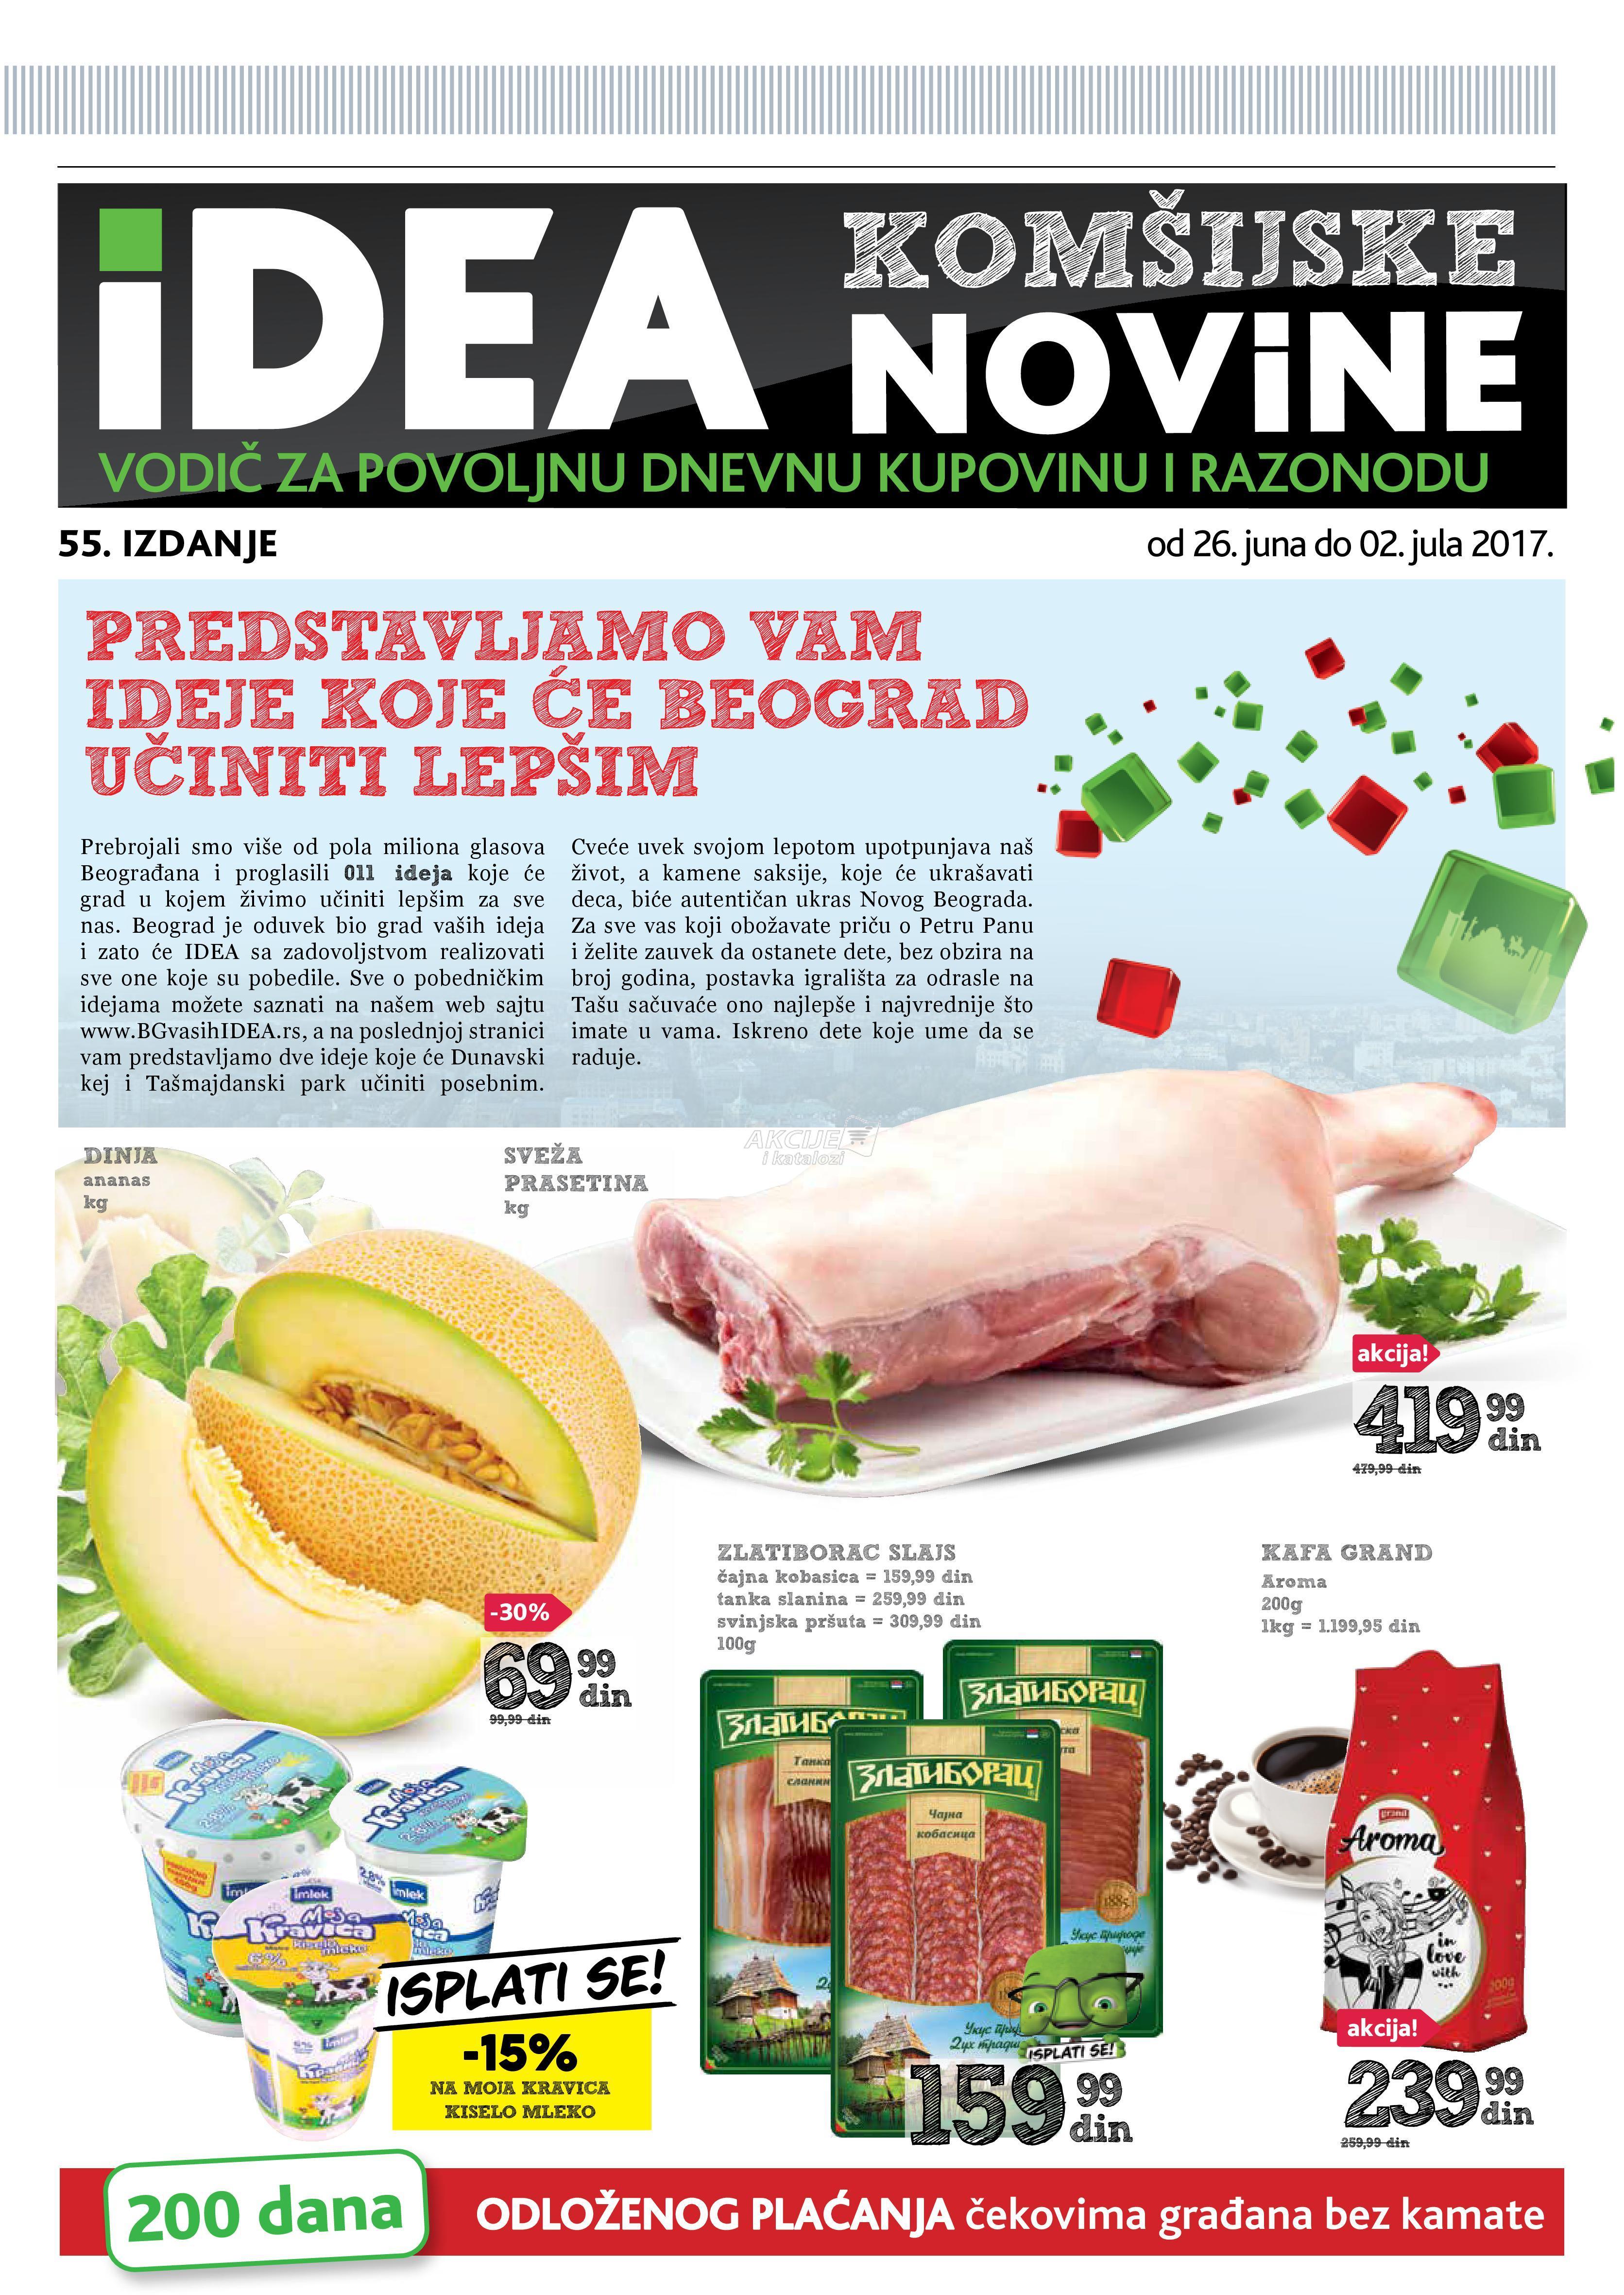 Idea akcija komšijske novine